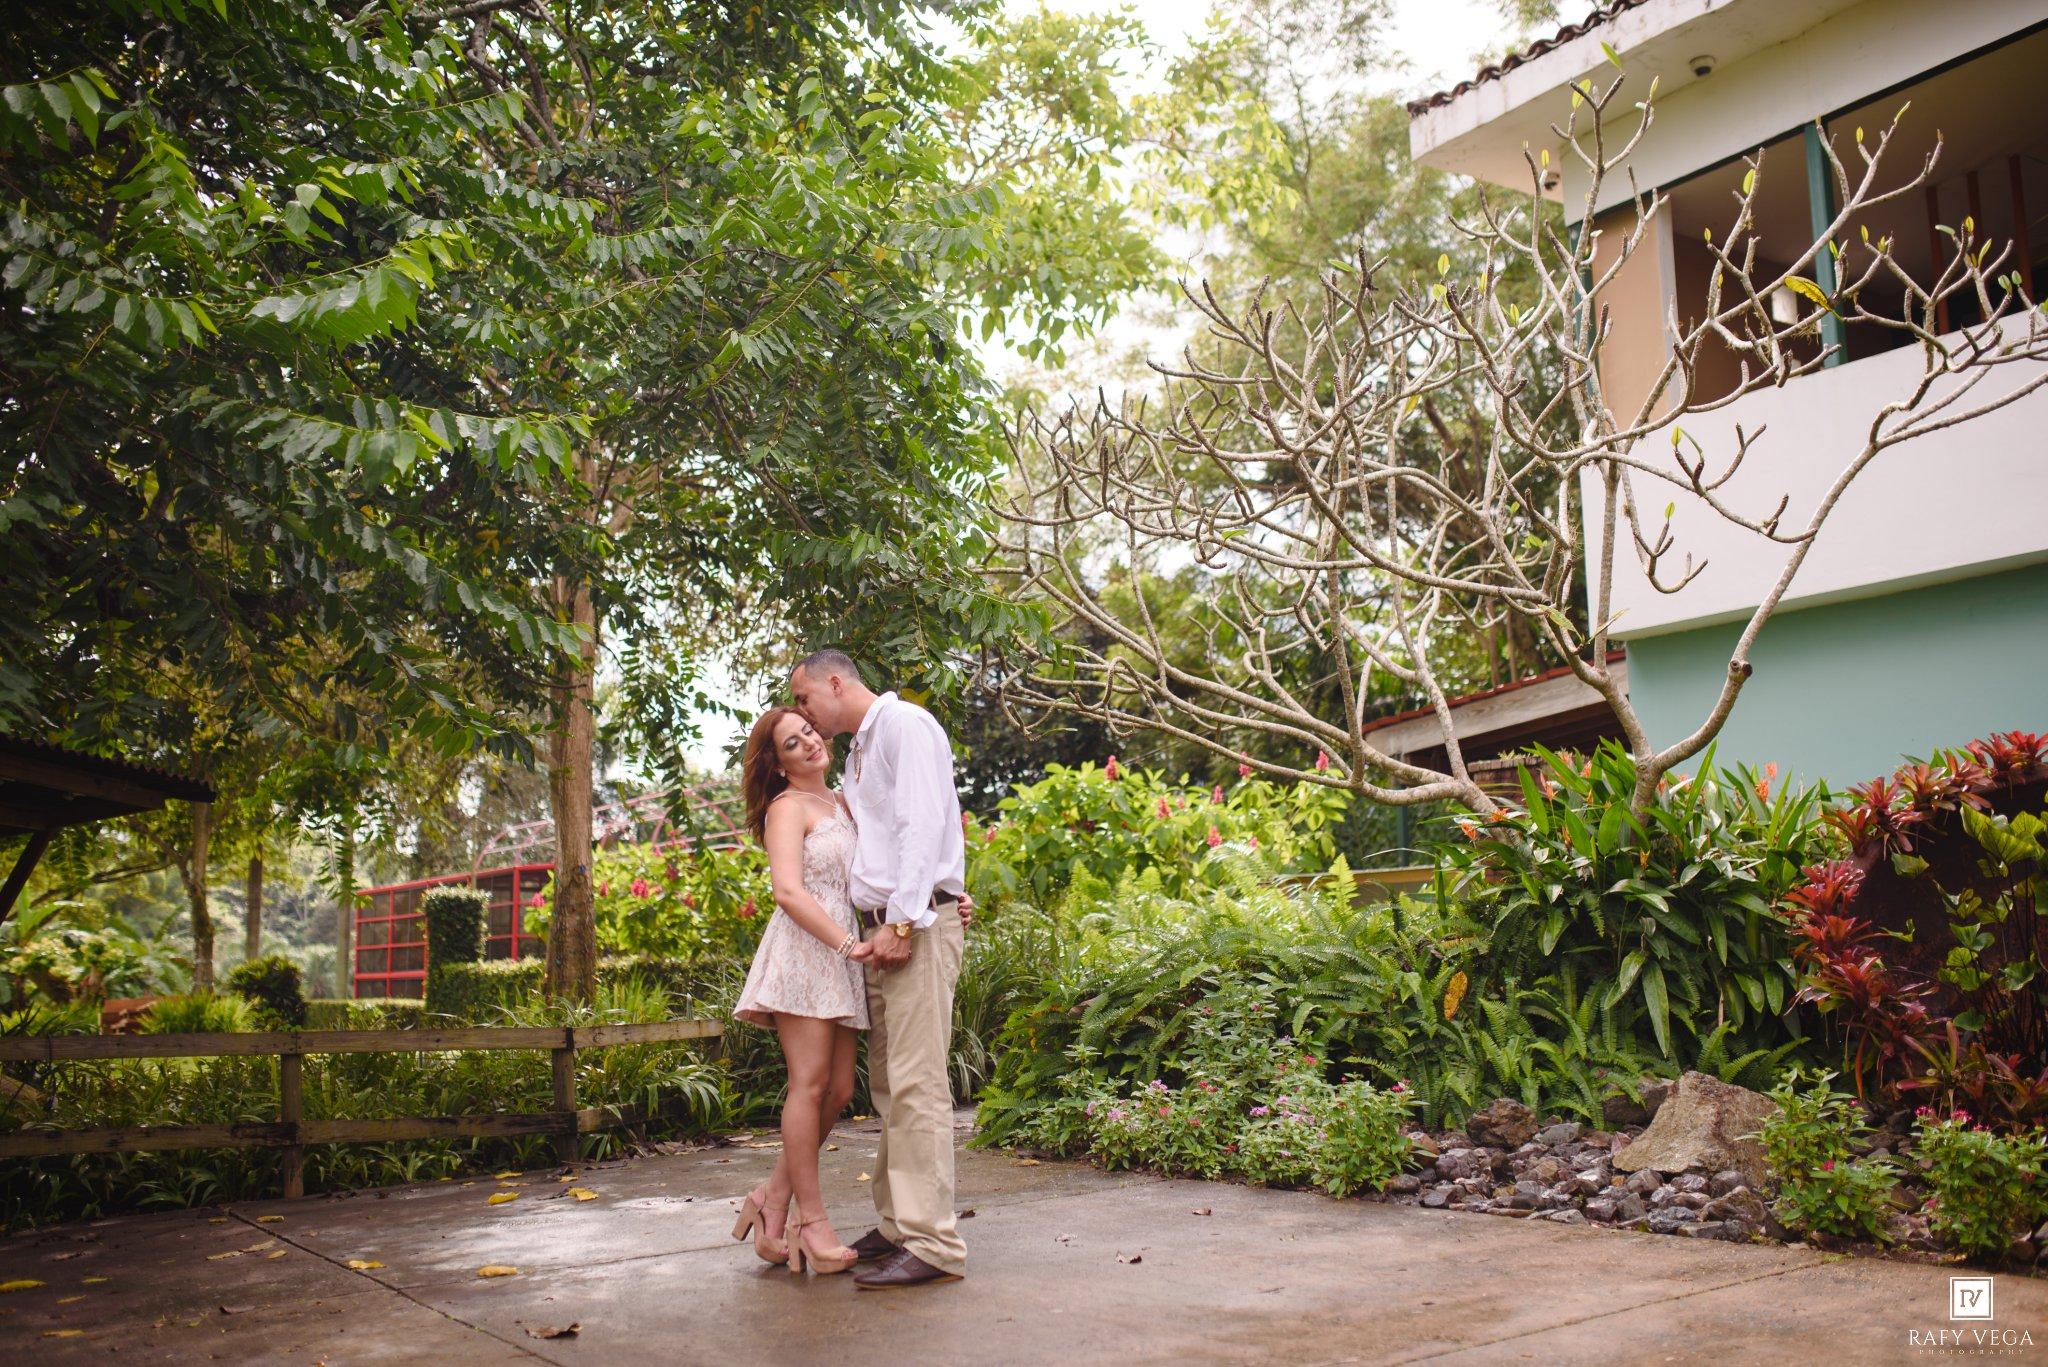 Una historia de amor en el jard n bot nico de caguas for Bodas en el jardin botanico de caguas